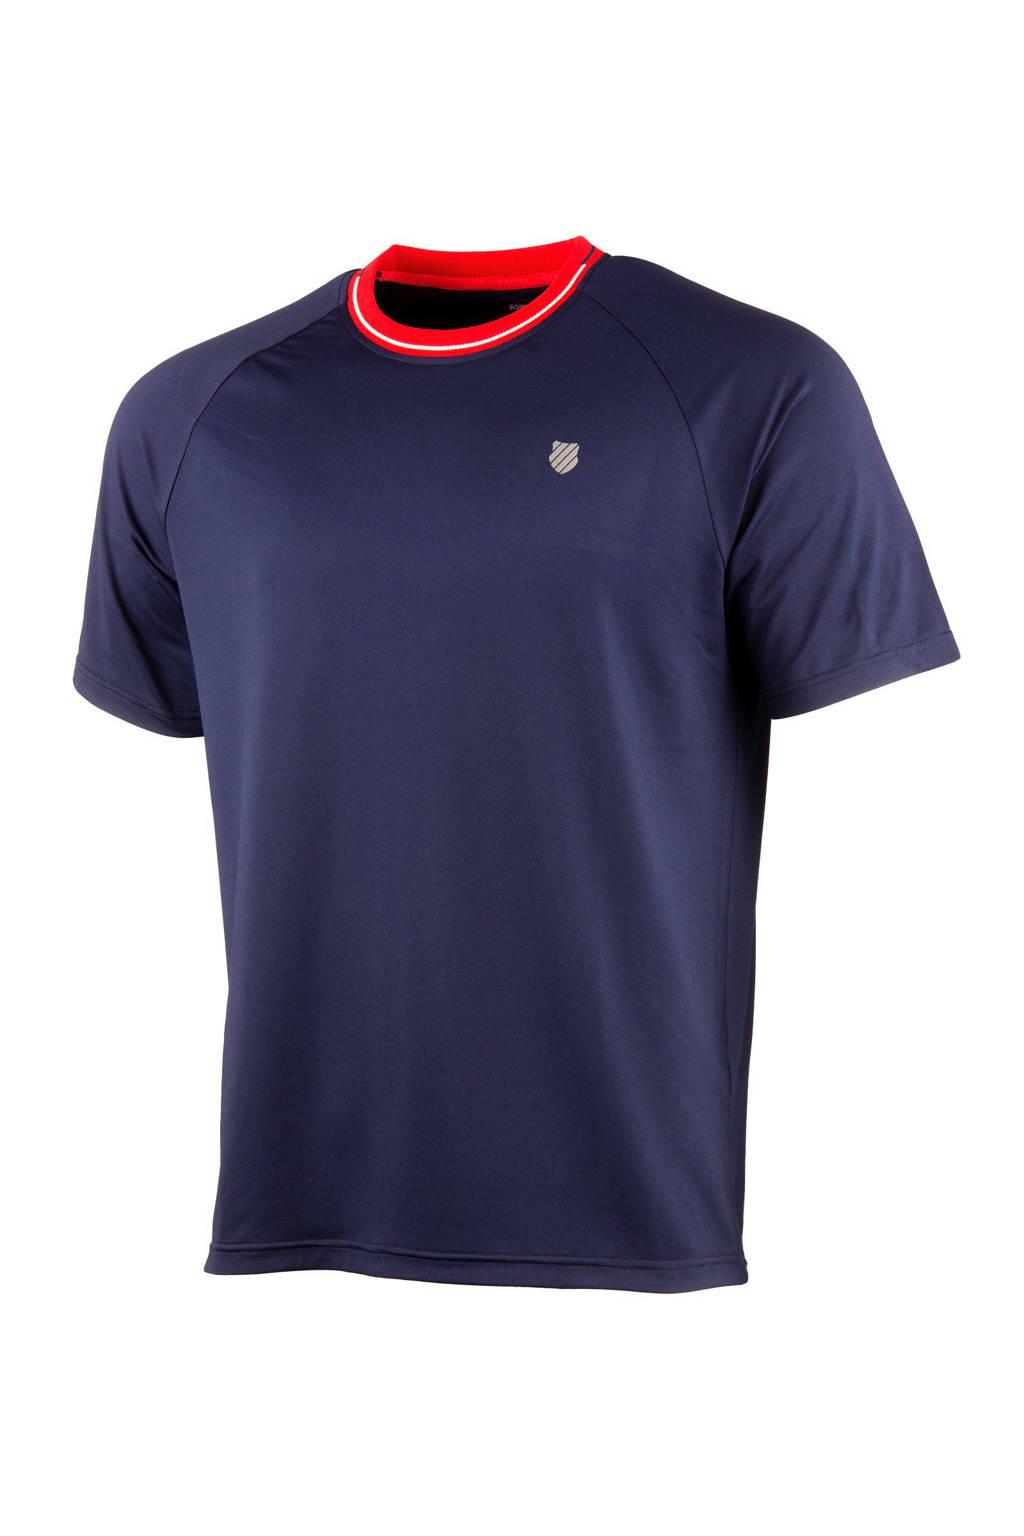 K-Swiss   sport T-shirt donkerblauw, Donkerblauw